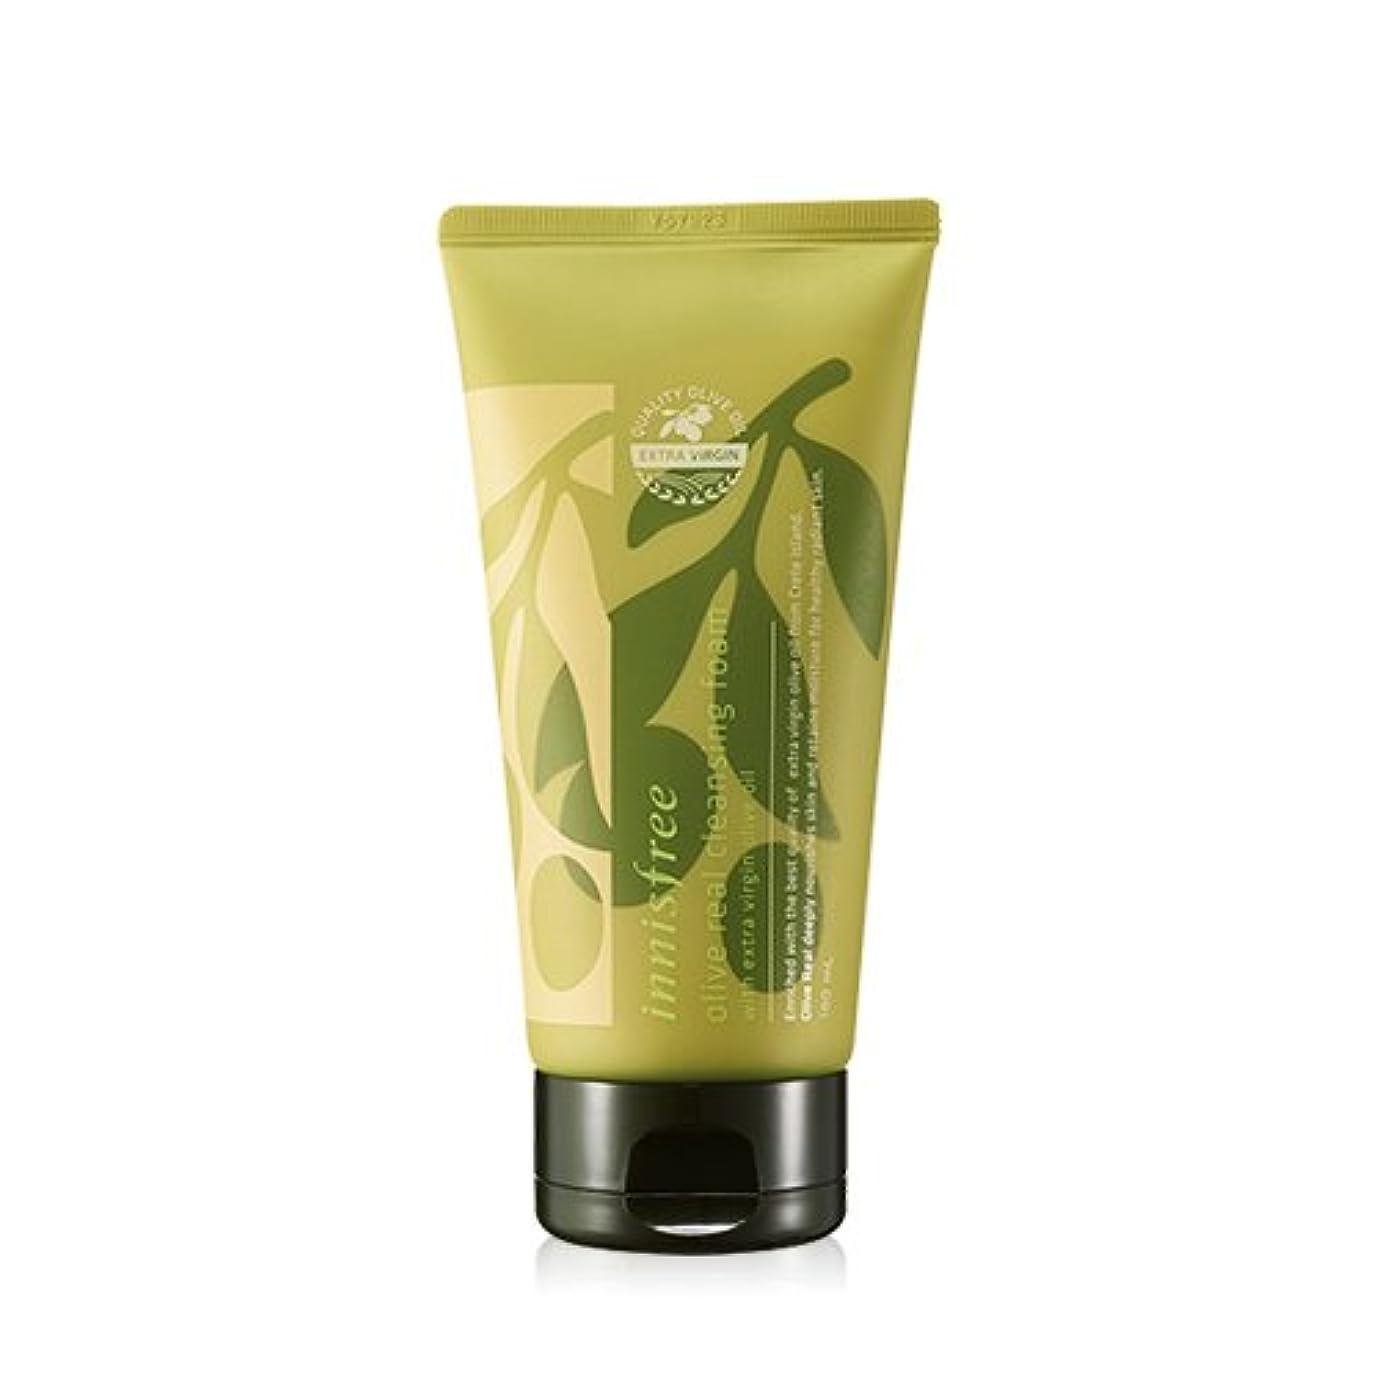 エラーやがて一般的に言えば(3 Pack) INNISFREE Olive Real Cleansing Foam 150ml (並行輸入品)